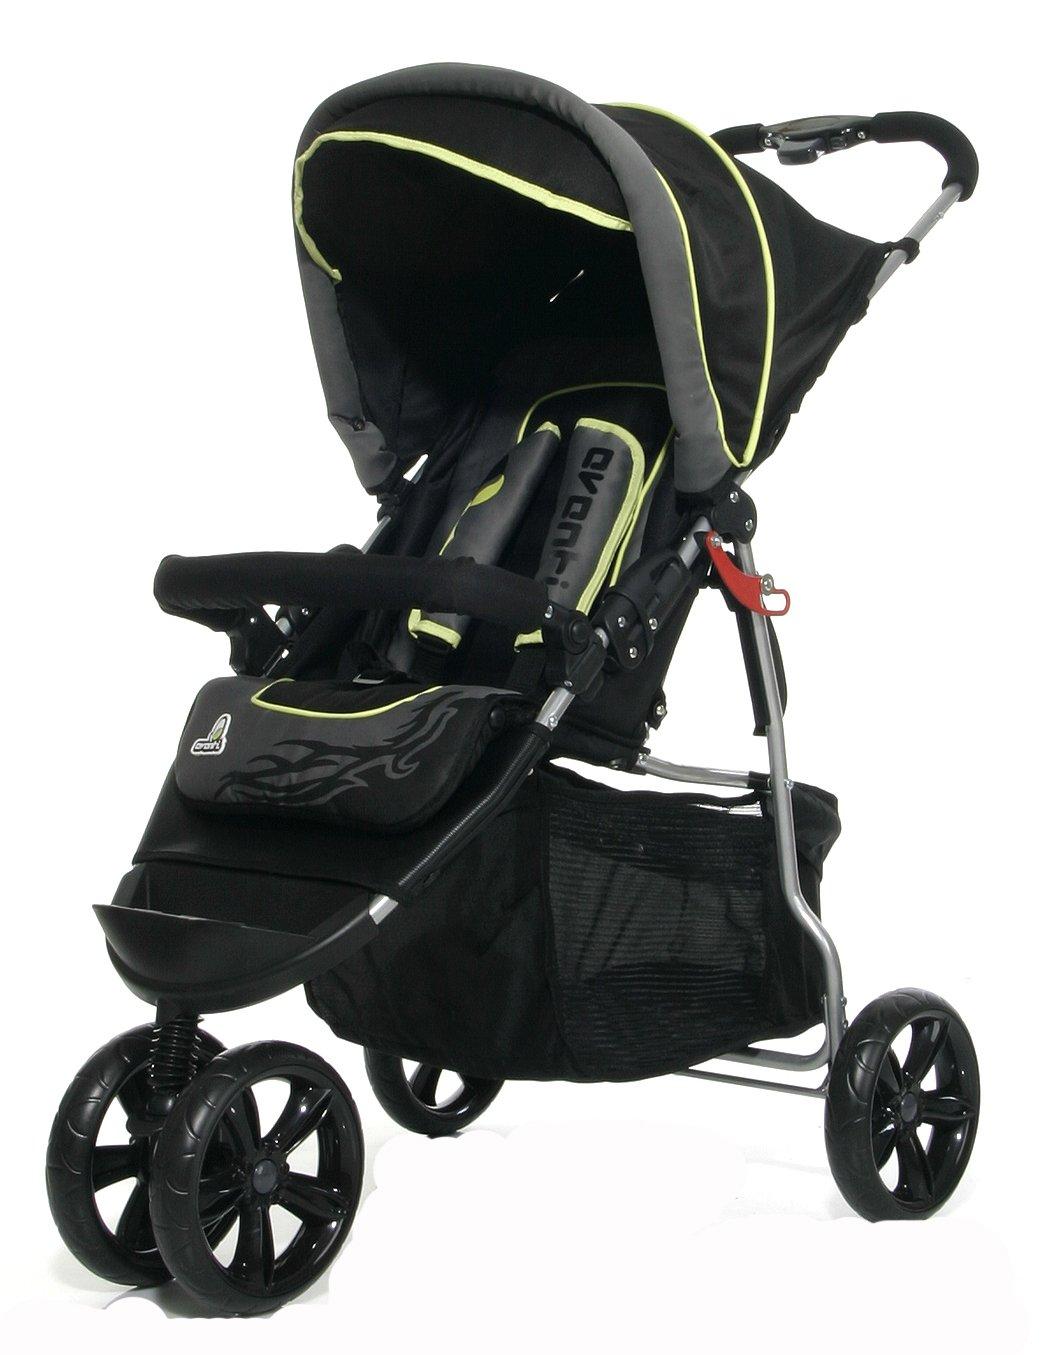 Avanti 3374821 - Silla de paseo deportiva: Amazon.es: Bebé